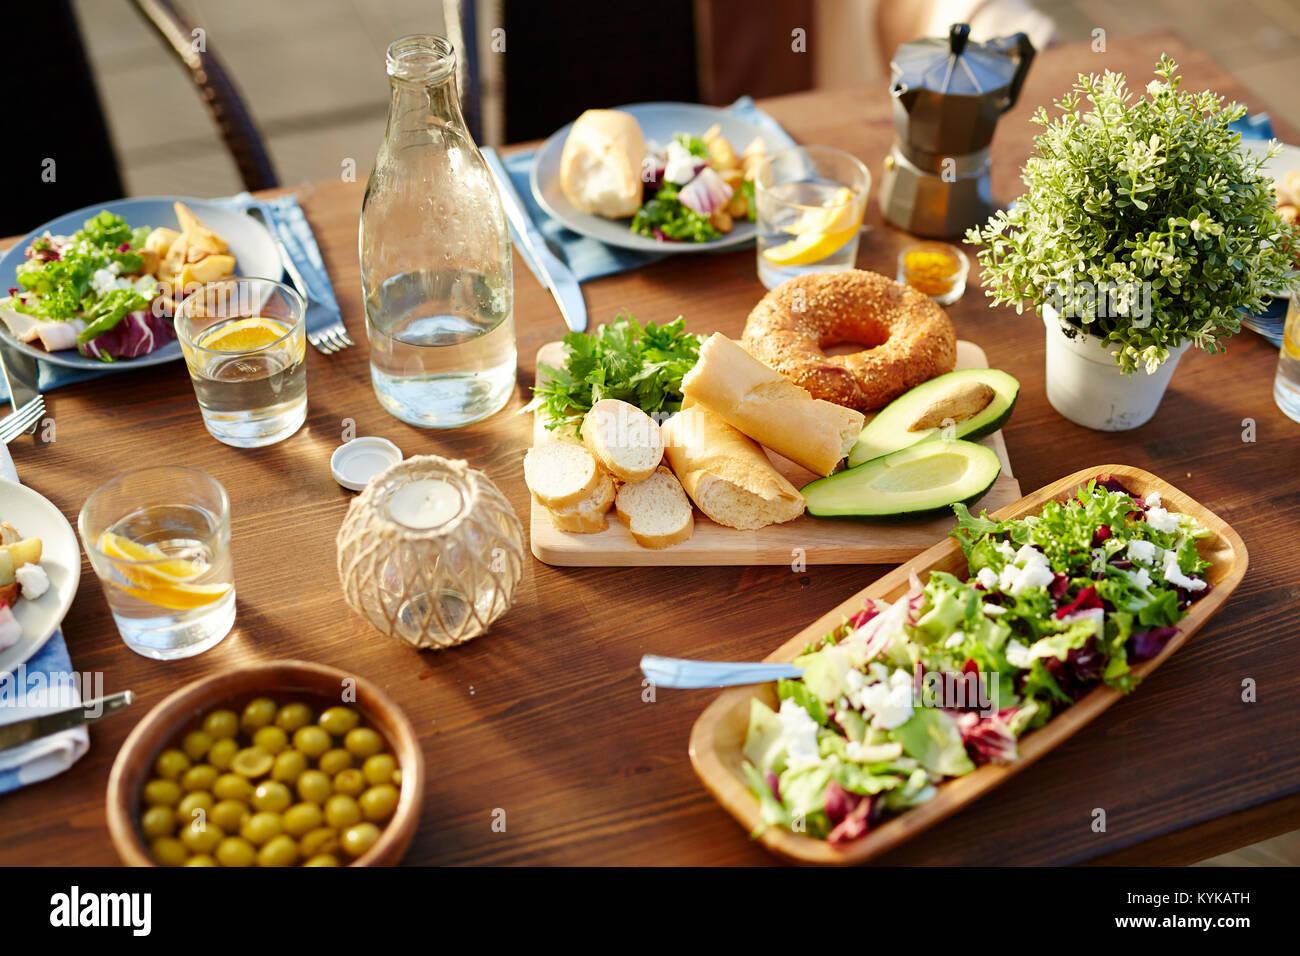 Essen für Vegetarier Stockbild